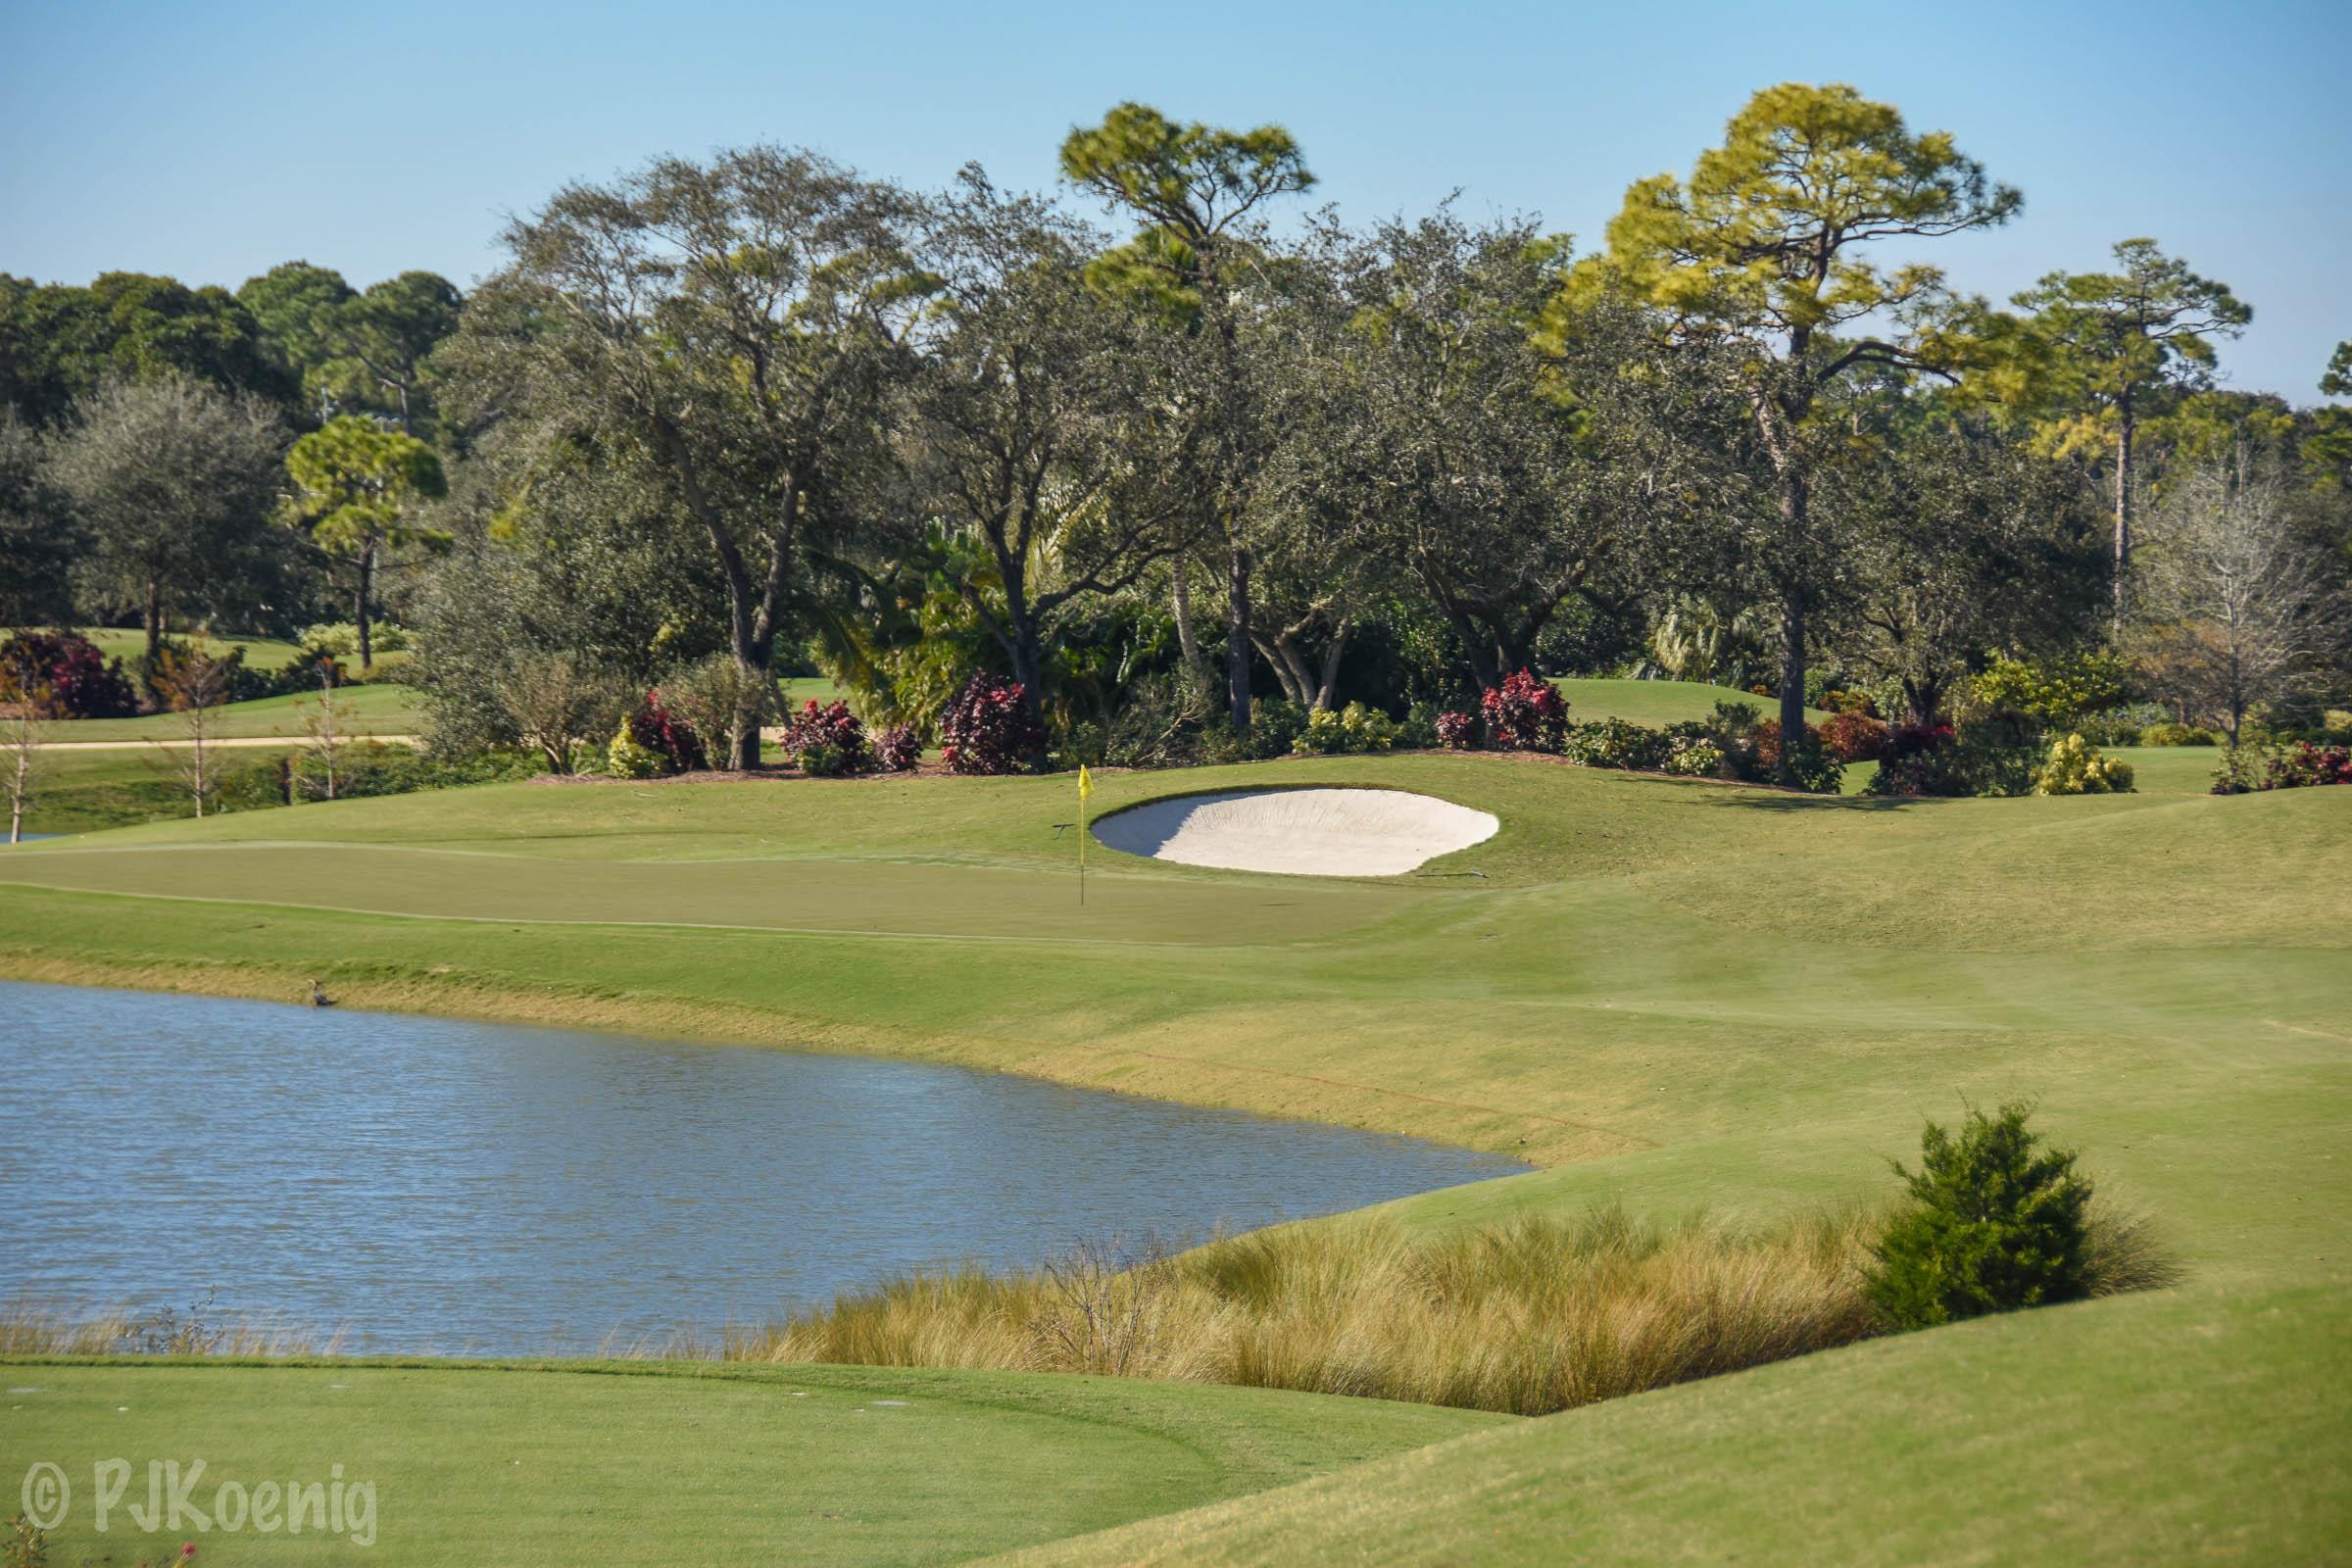 Adios Golf Club1-54.jpg